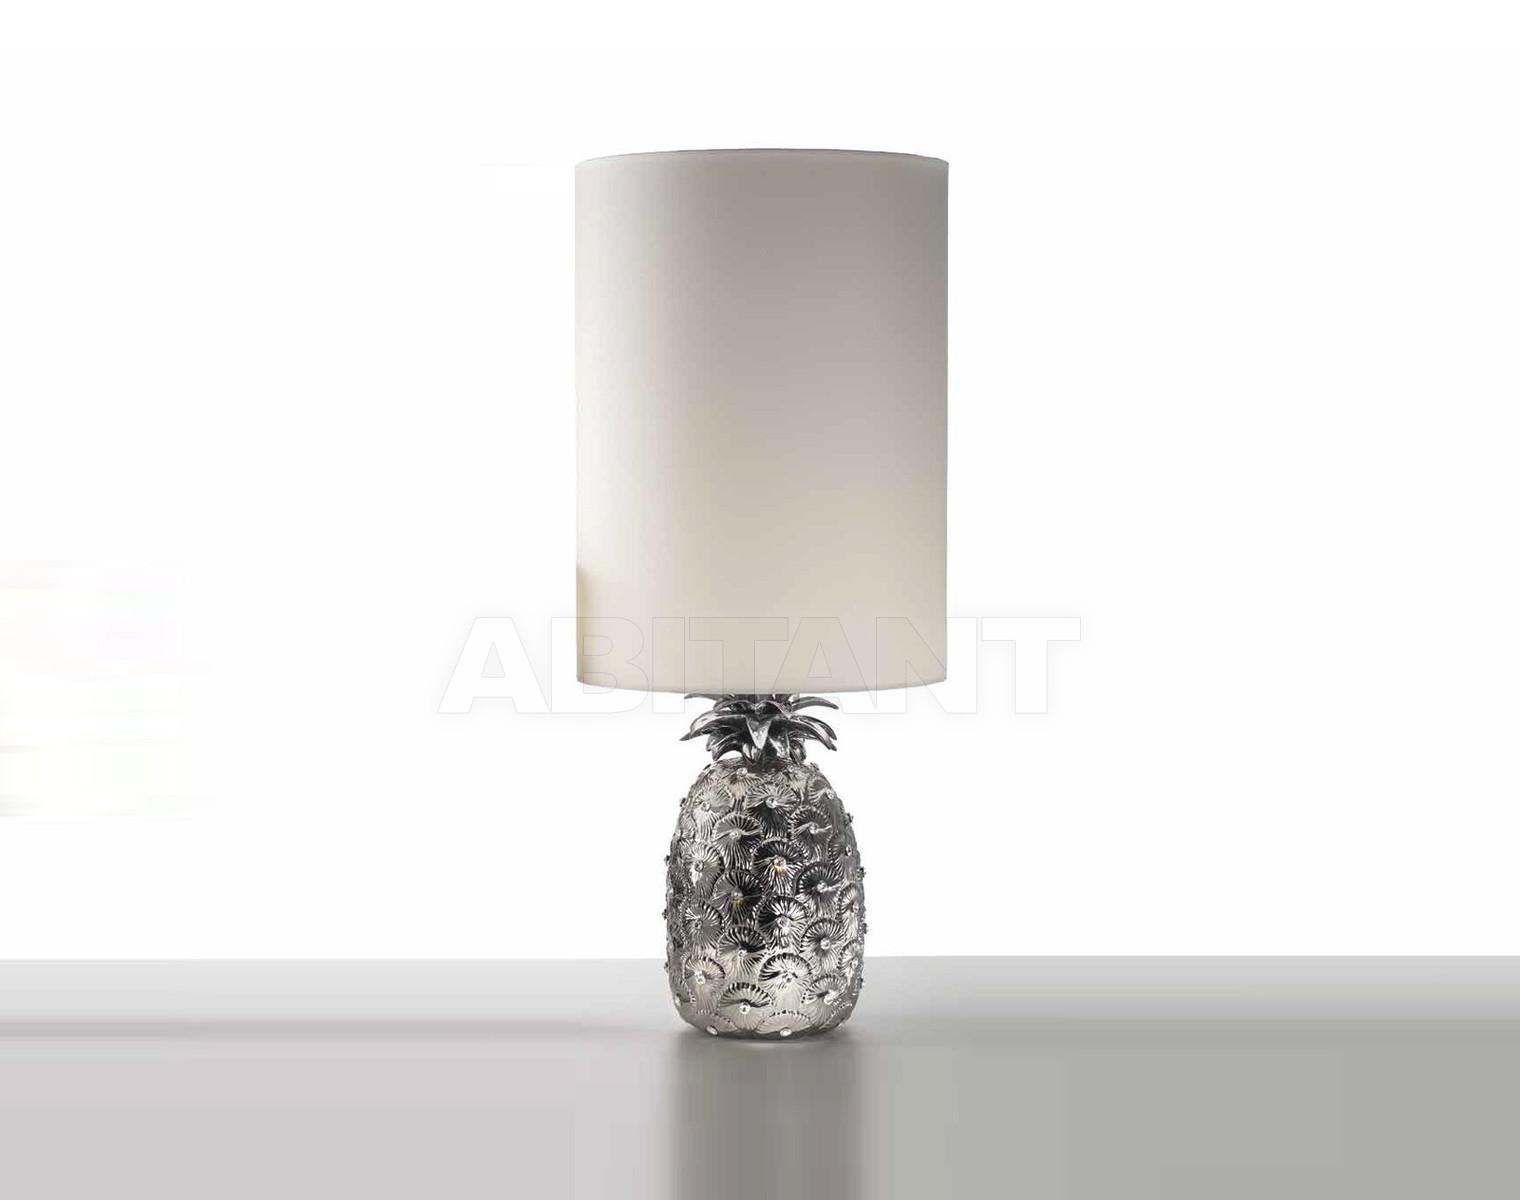 Купить Лампа настольная BIG PINEAPPLE LAMP Villari Grande Opera Ii 10.0070-606